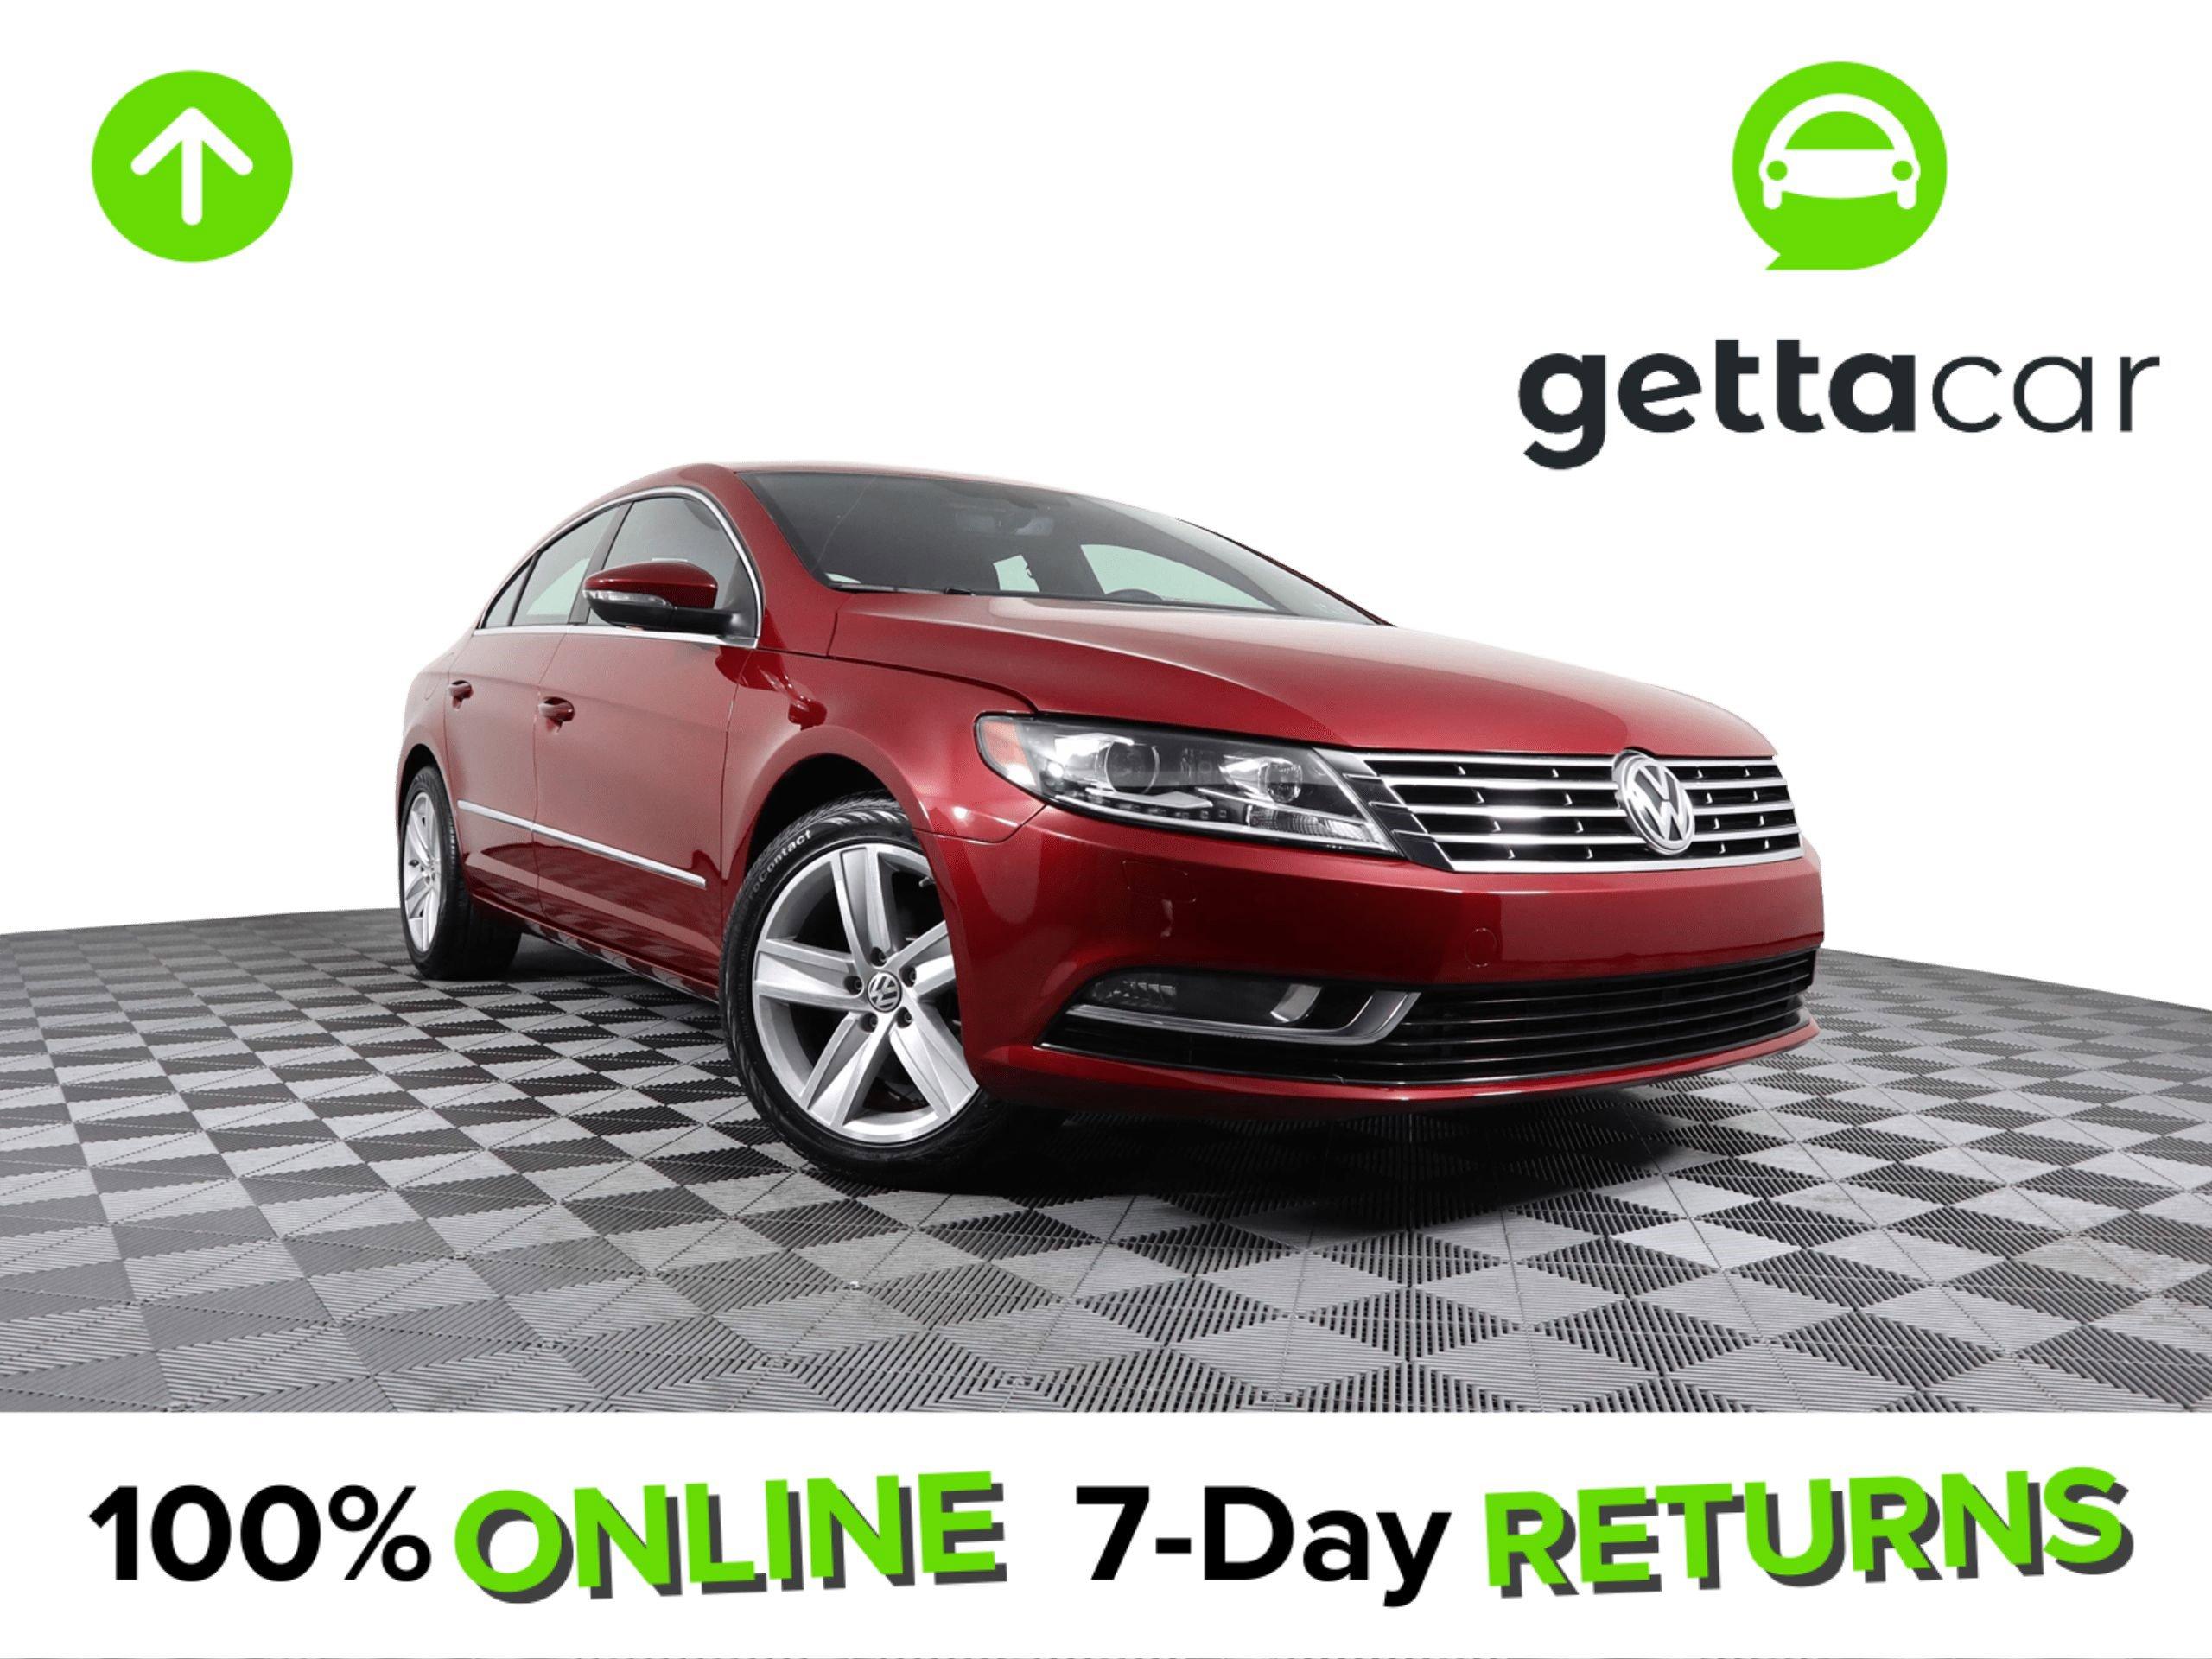 2017 Volkswagen CC Sport image